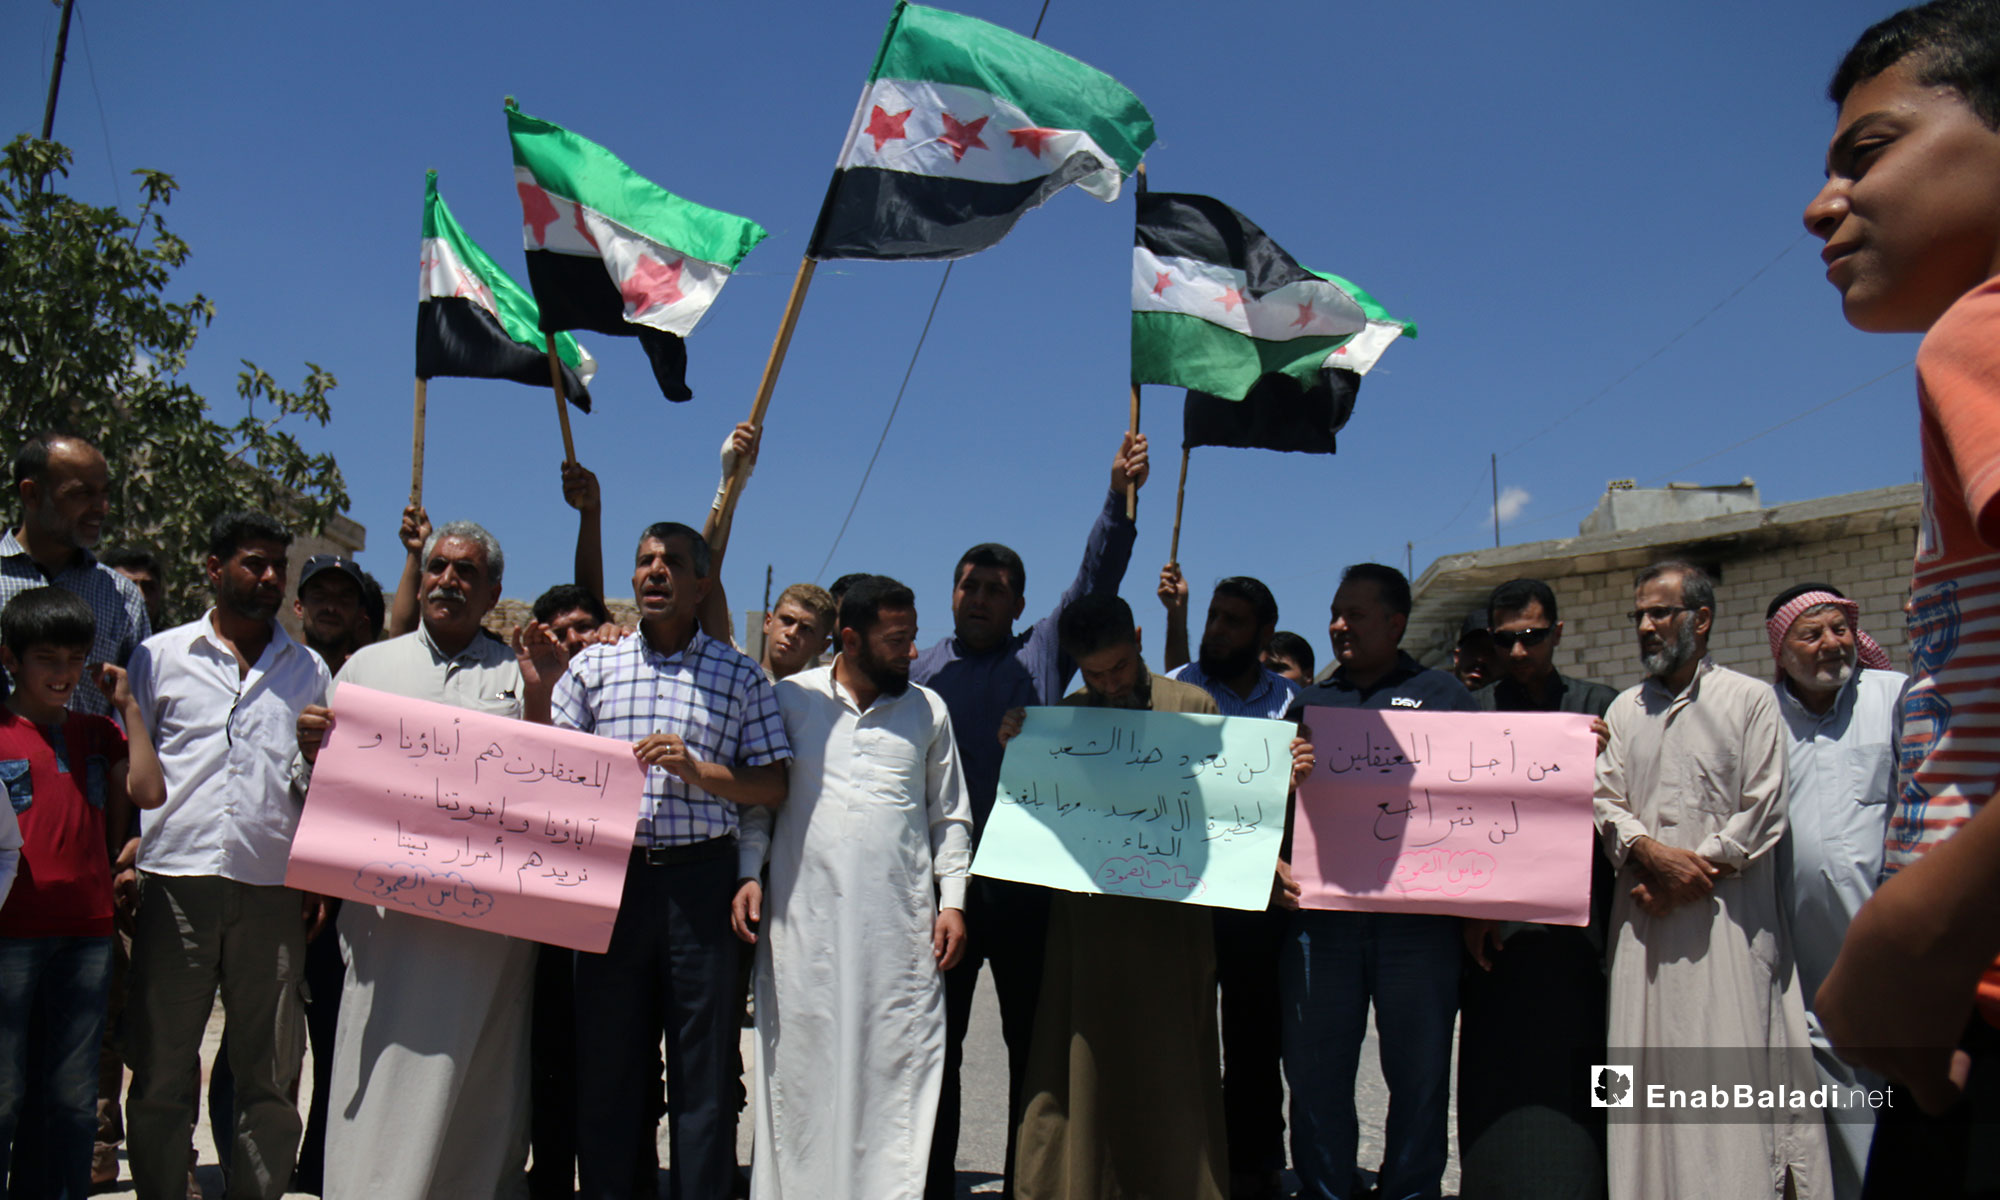 وقفة تضامنية لأجل المعتقلين السوريين في بلدة حاس بريف إدلب - 10 من آب 2018 (عنب بلدي)